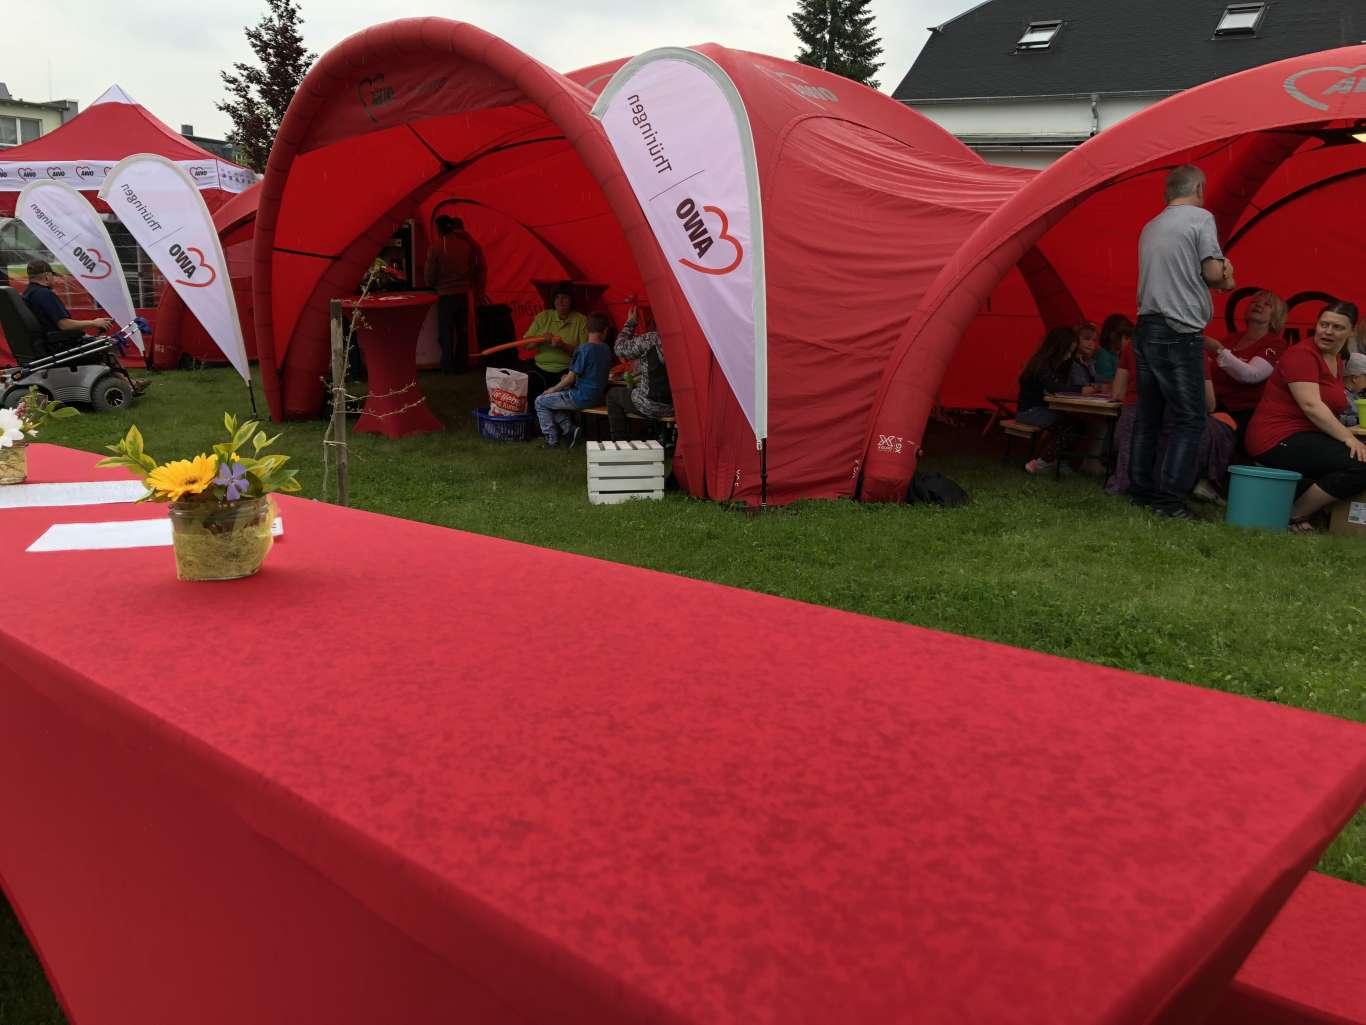 Zu den Veranstaltungen der AWO wurden verschiedene Zelte aufgebaut, die den Besuchern einen wetterunabhängigen Aufenhalt ermöglichten.